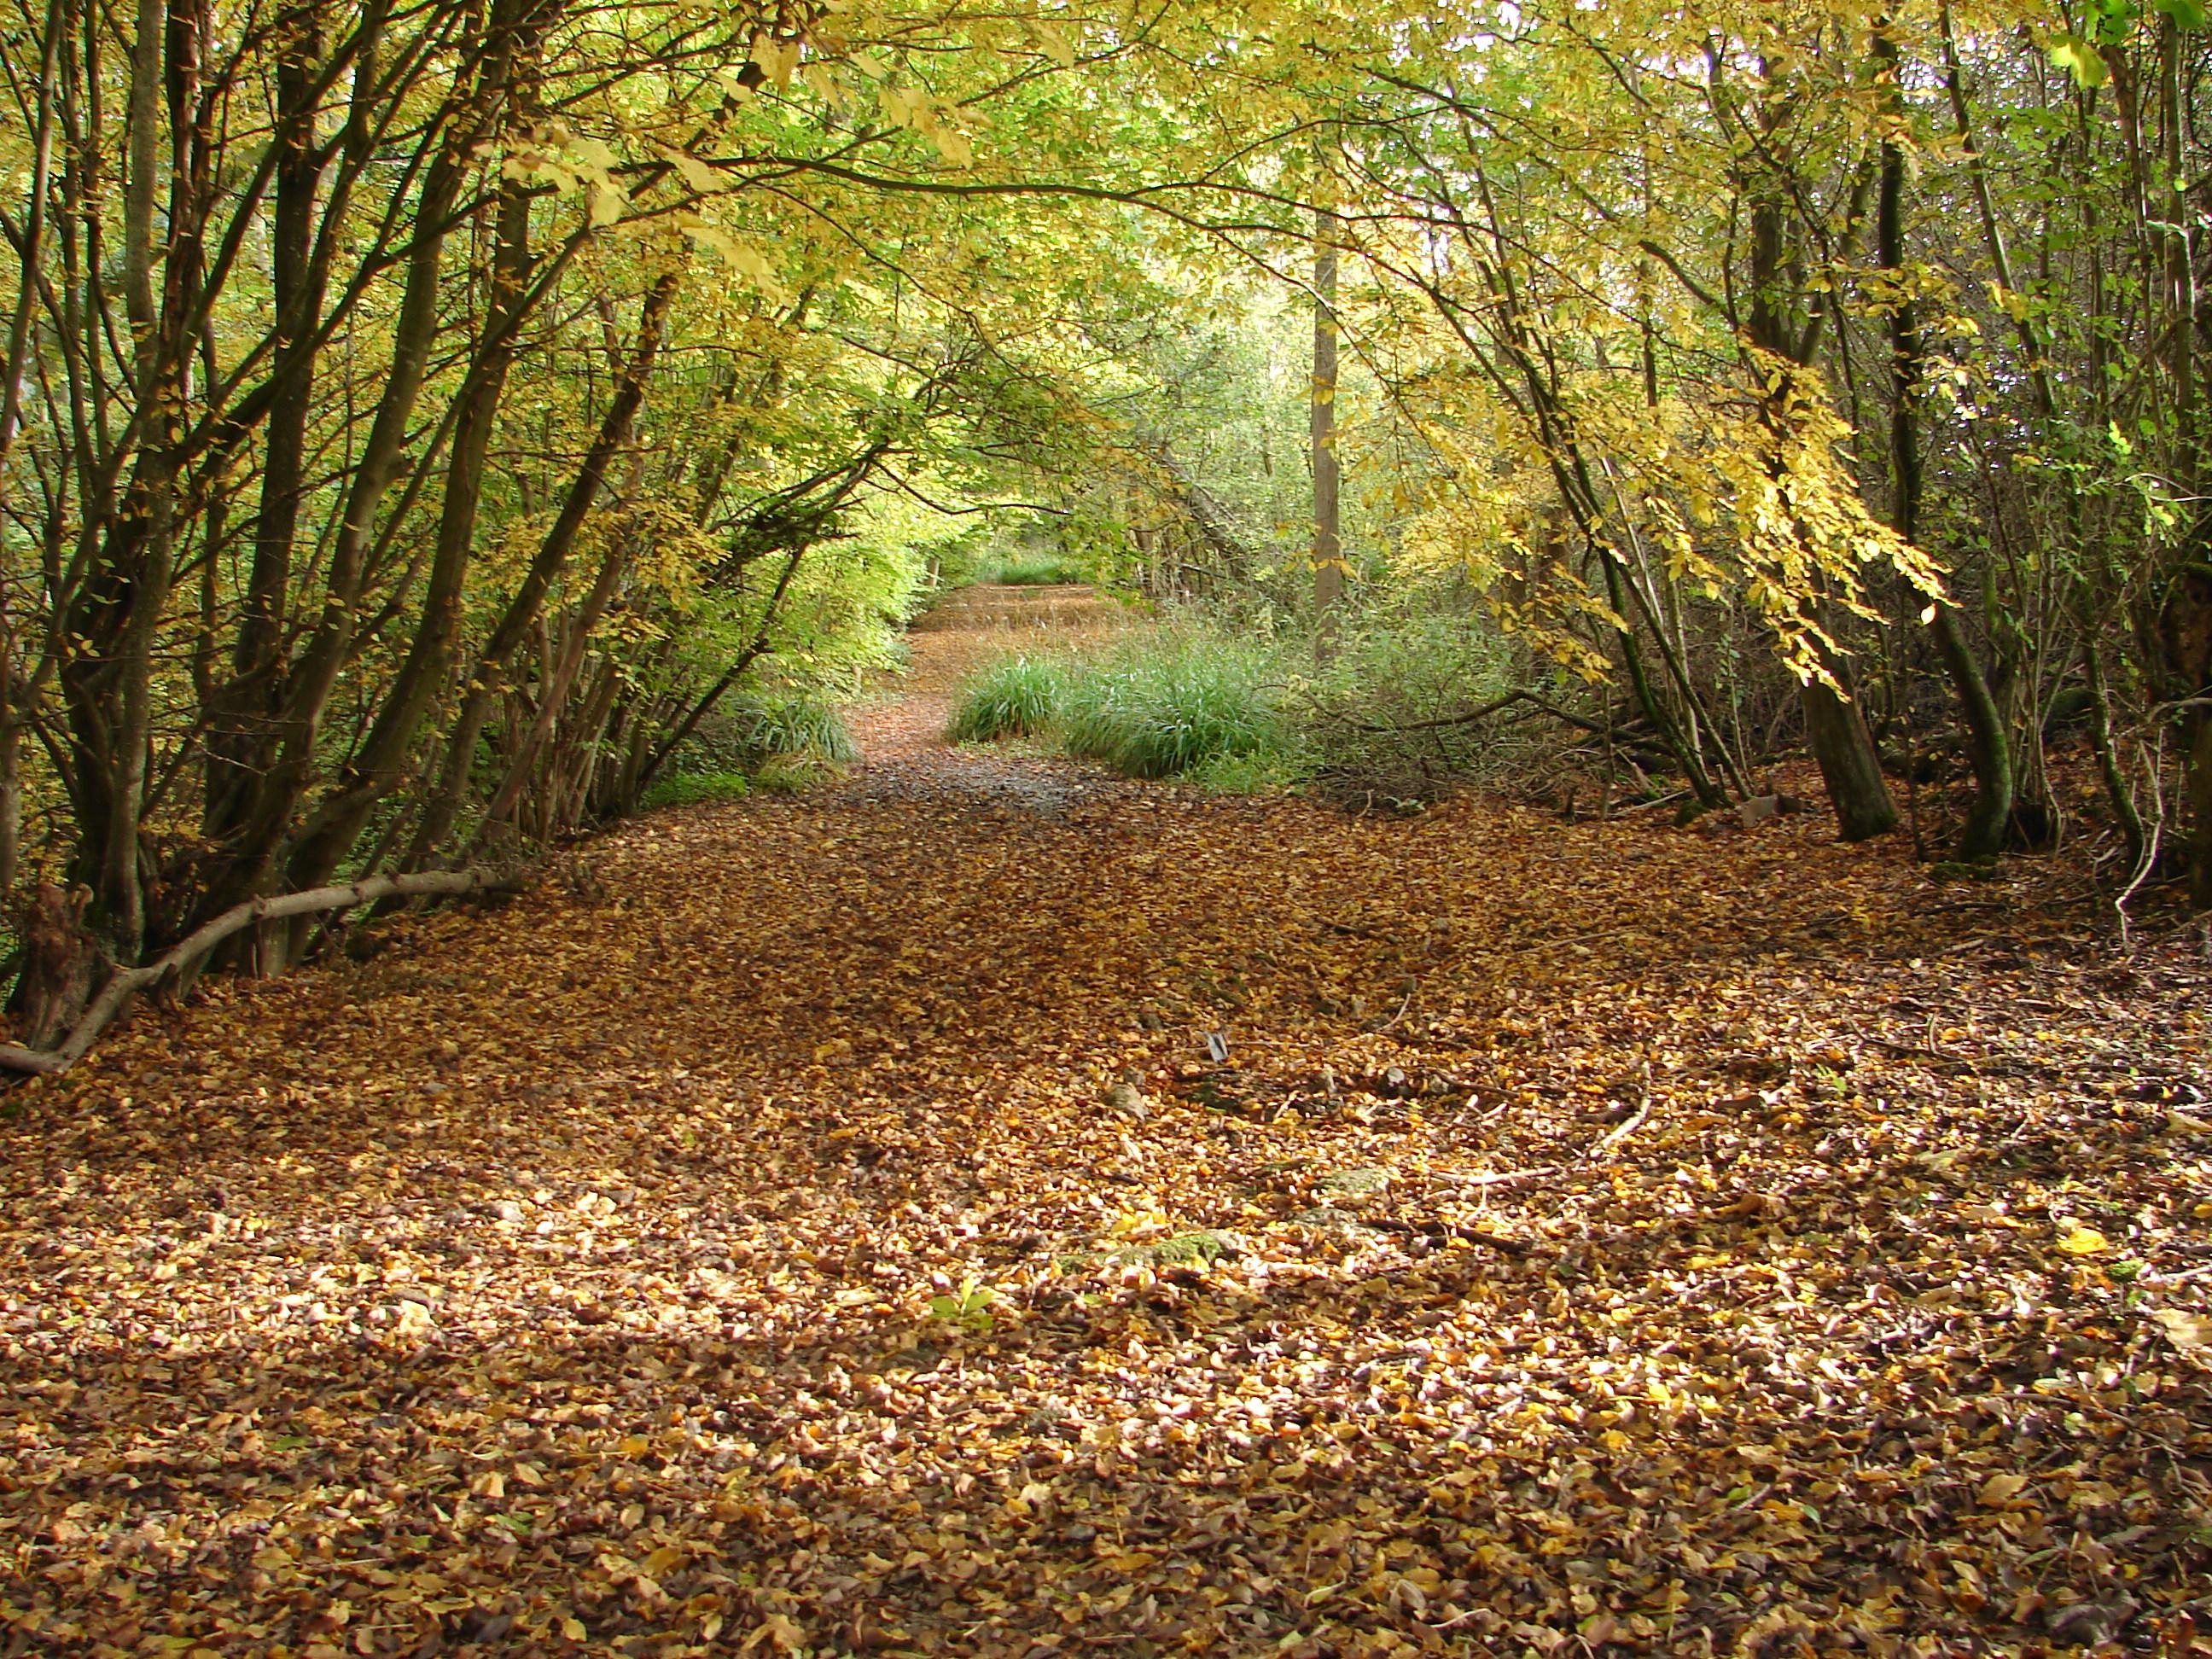 Photo of Hempstead Lane in Autumn